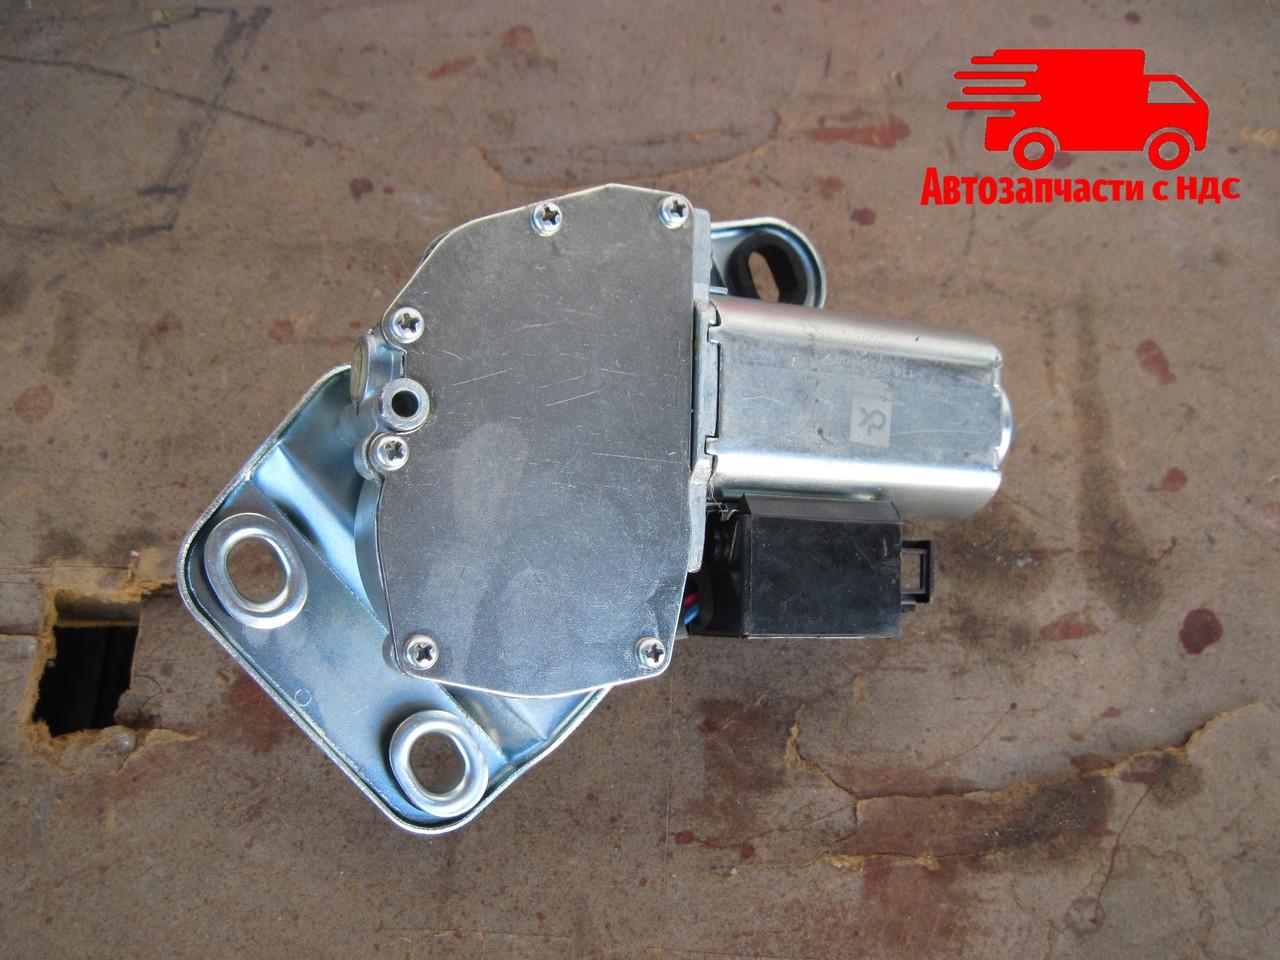 Моторедуктор стеклоочистителя ВАЗ 1117, 1118, 1119, КАЛИНА задний . Ціна з ПДВ.